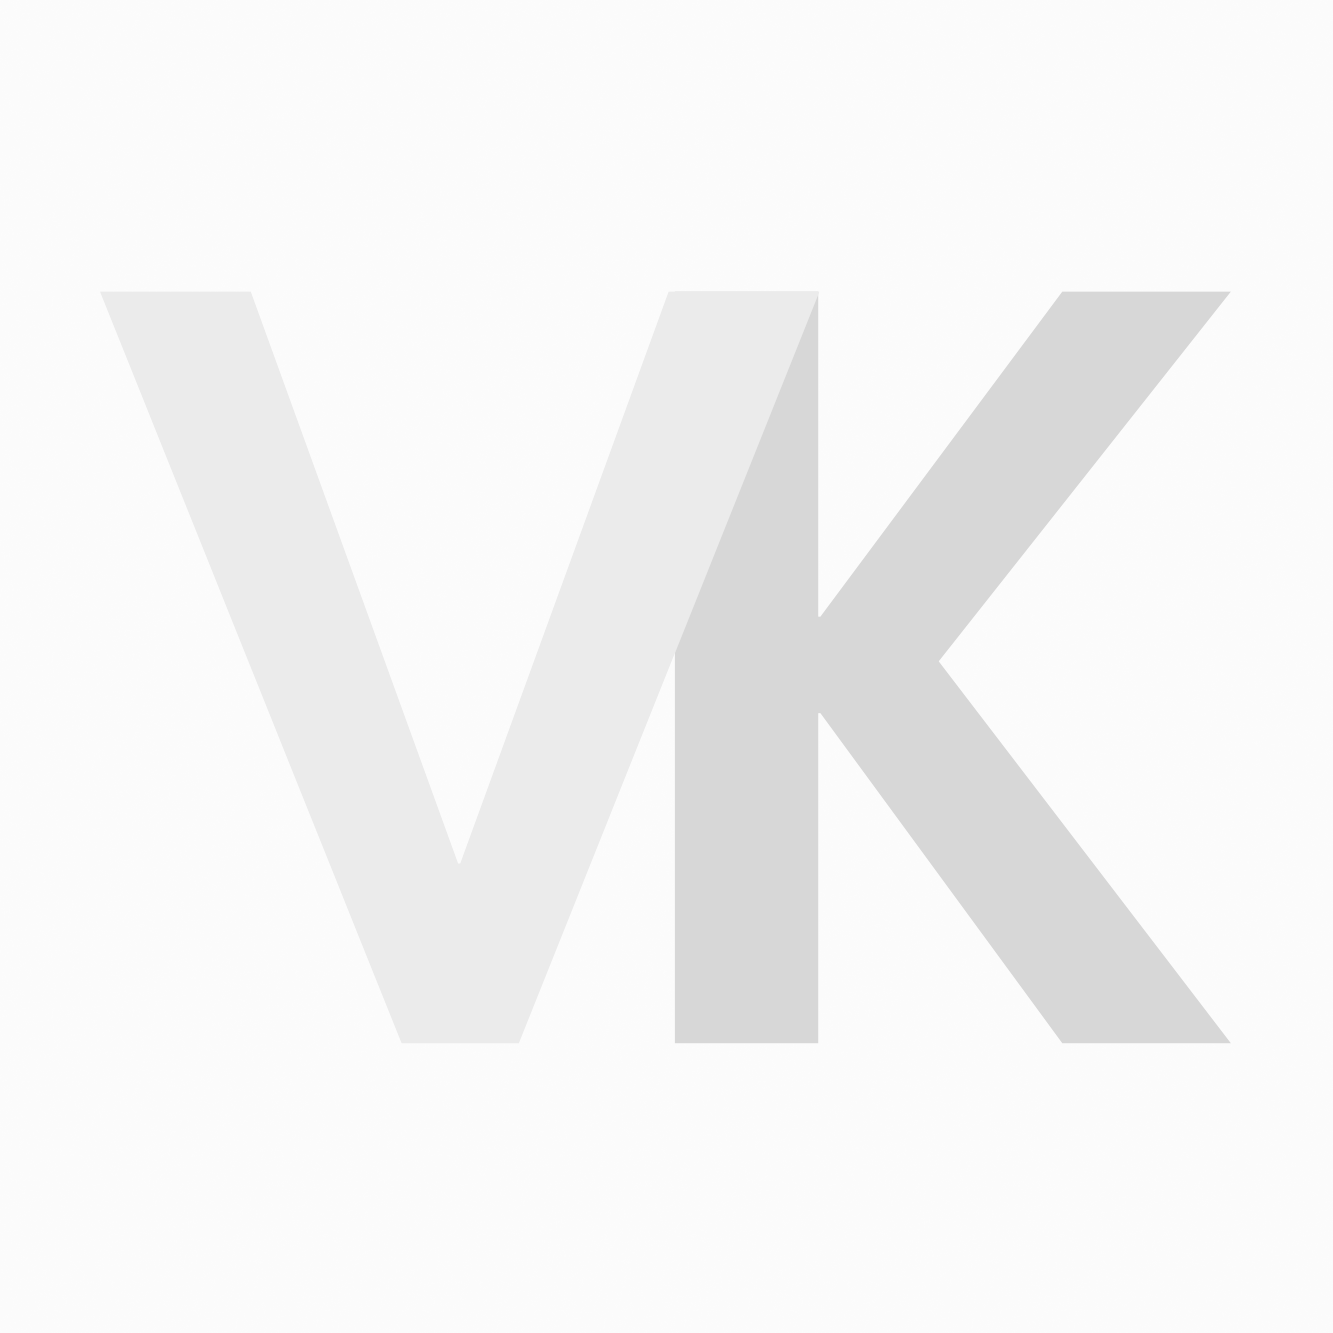 Krulborstel Cera Hotstyler 32mm